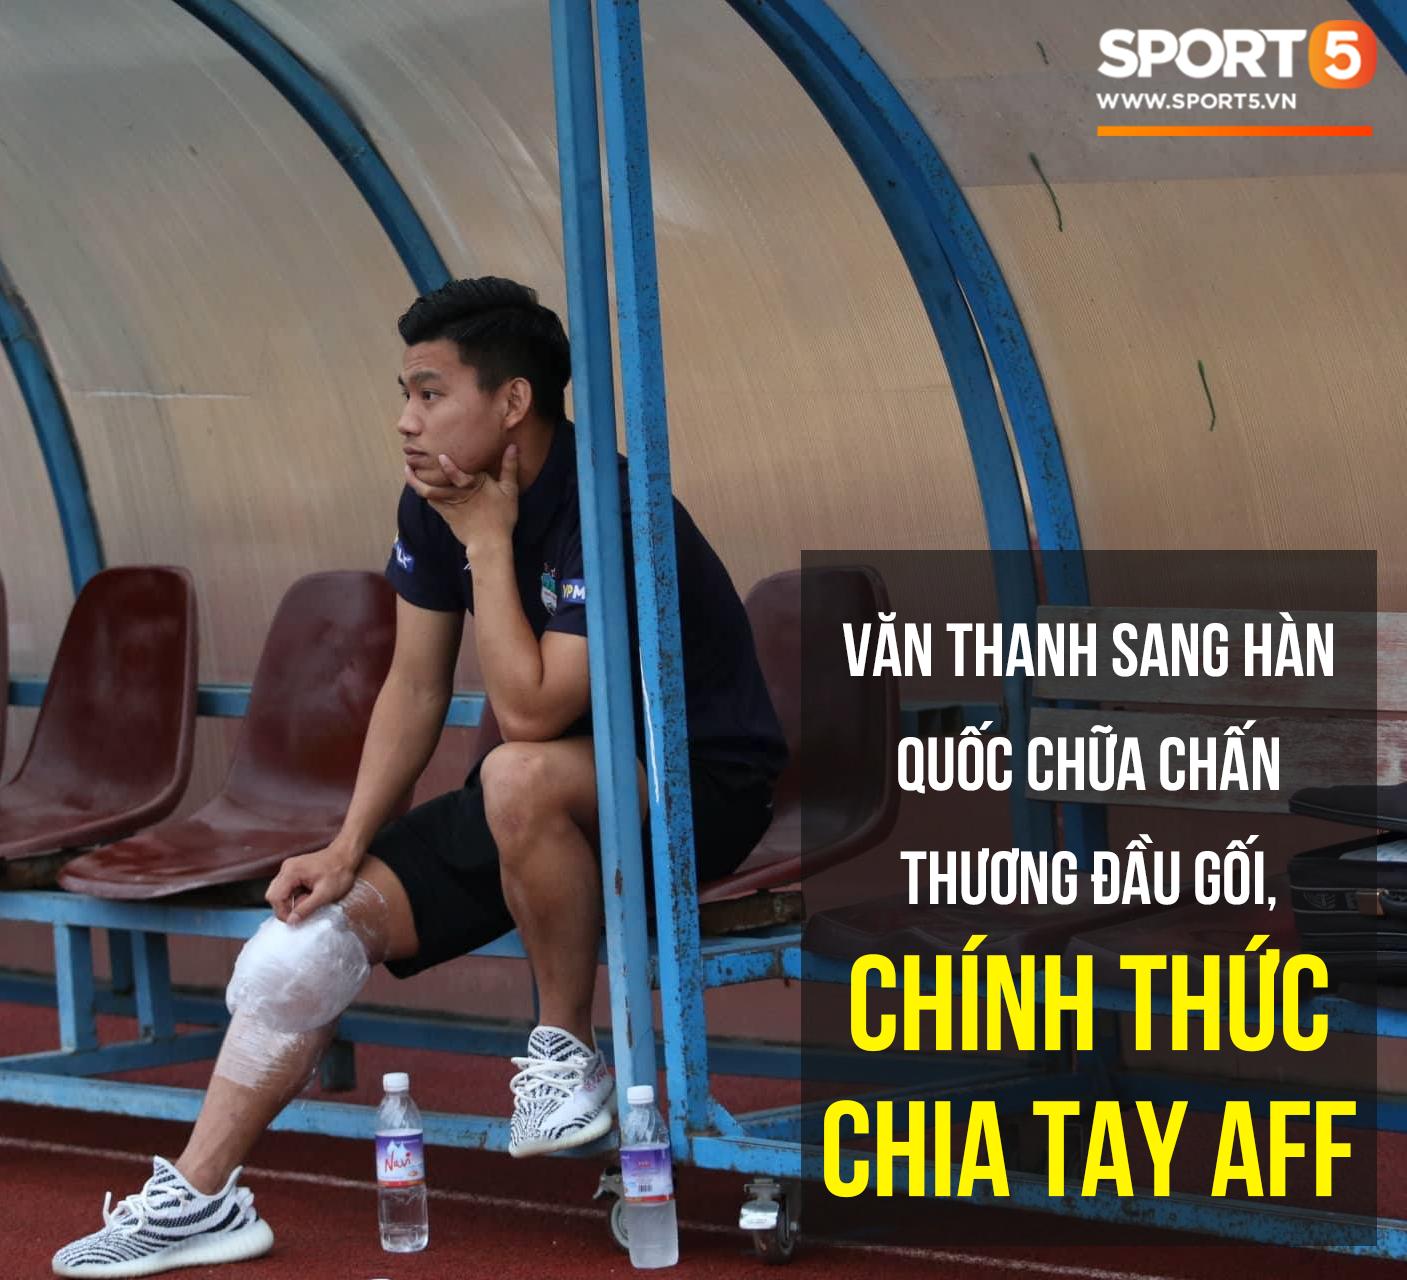 Vũ Văn Thanh đứt dây chằng, chia tay AFF Cup 2018-1